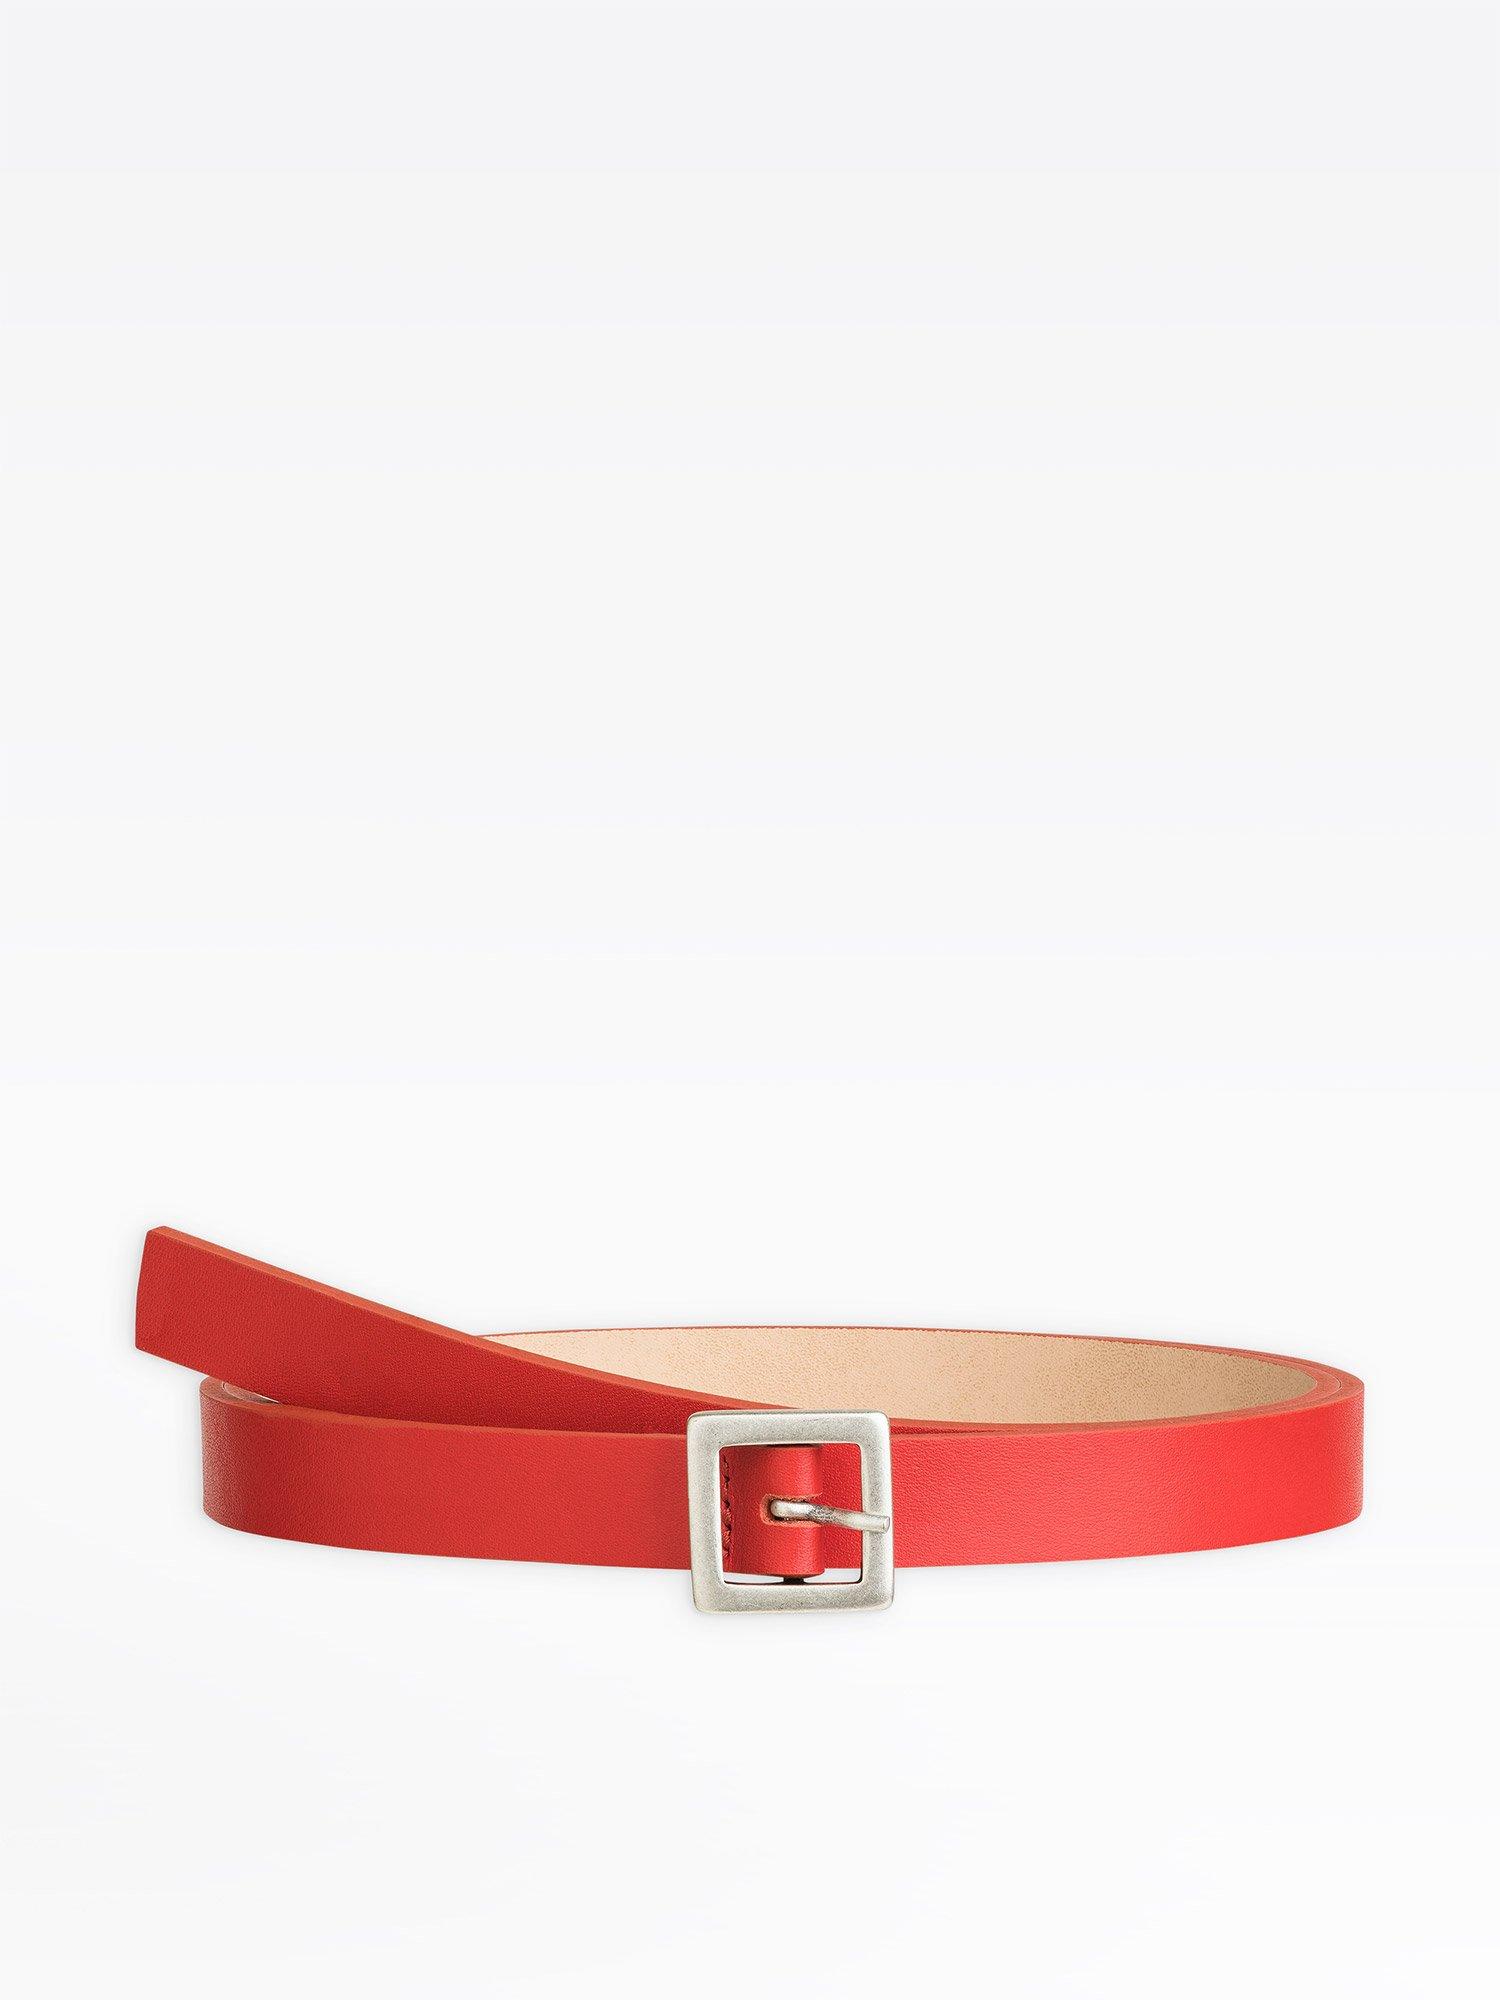 f35621bf4a1ad ceinture cathia rouge en cuir | agnès b.